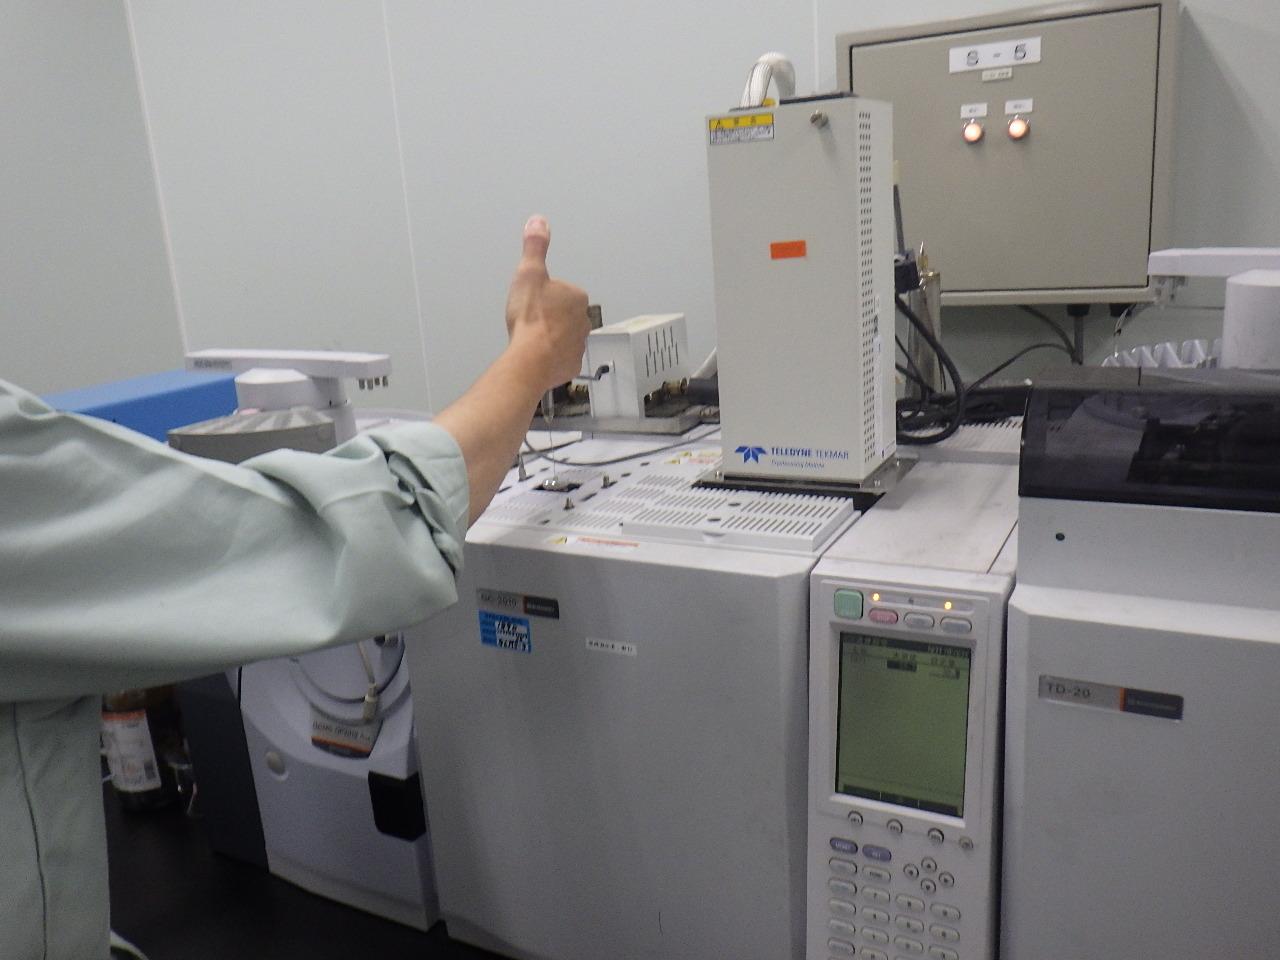 水質・土壌・環境調査なら、福岡のENJEC